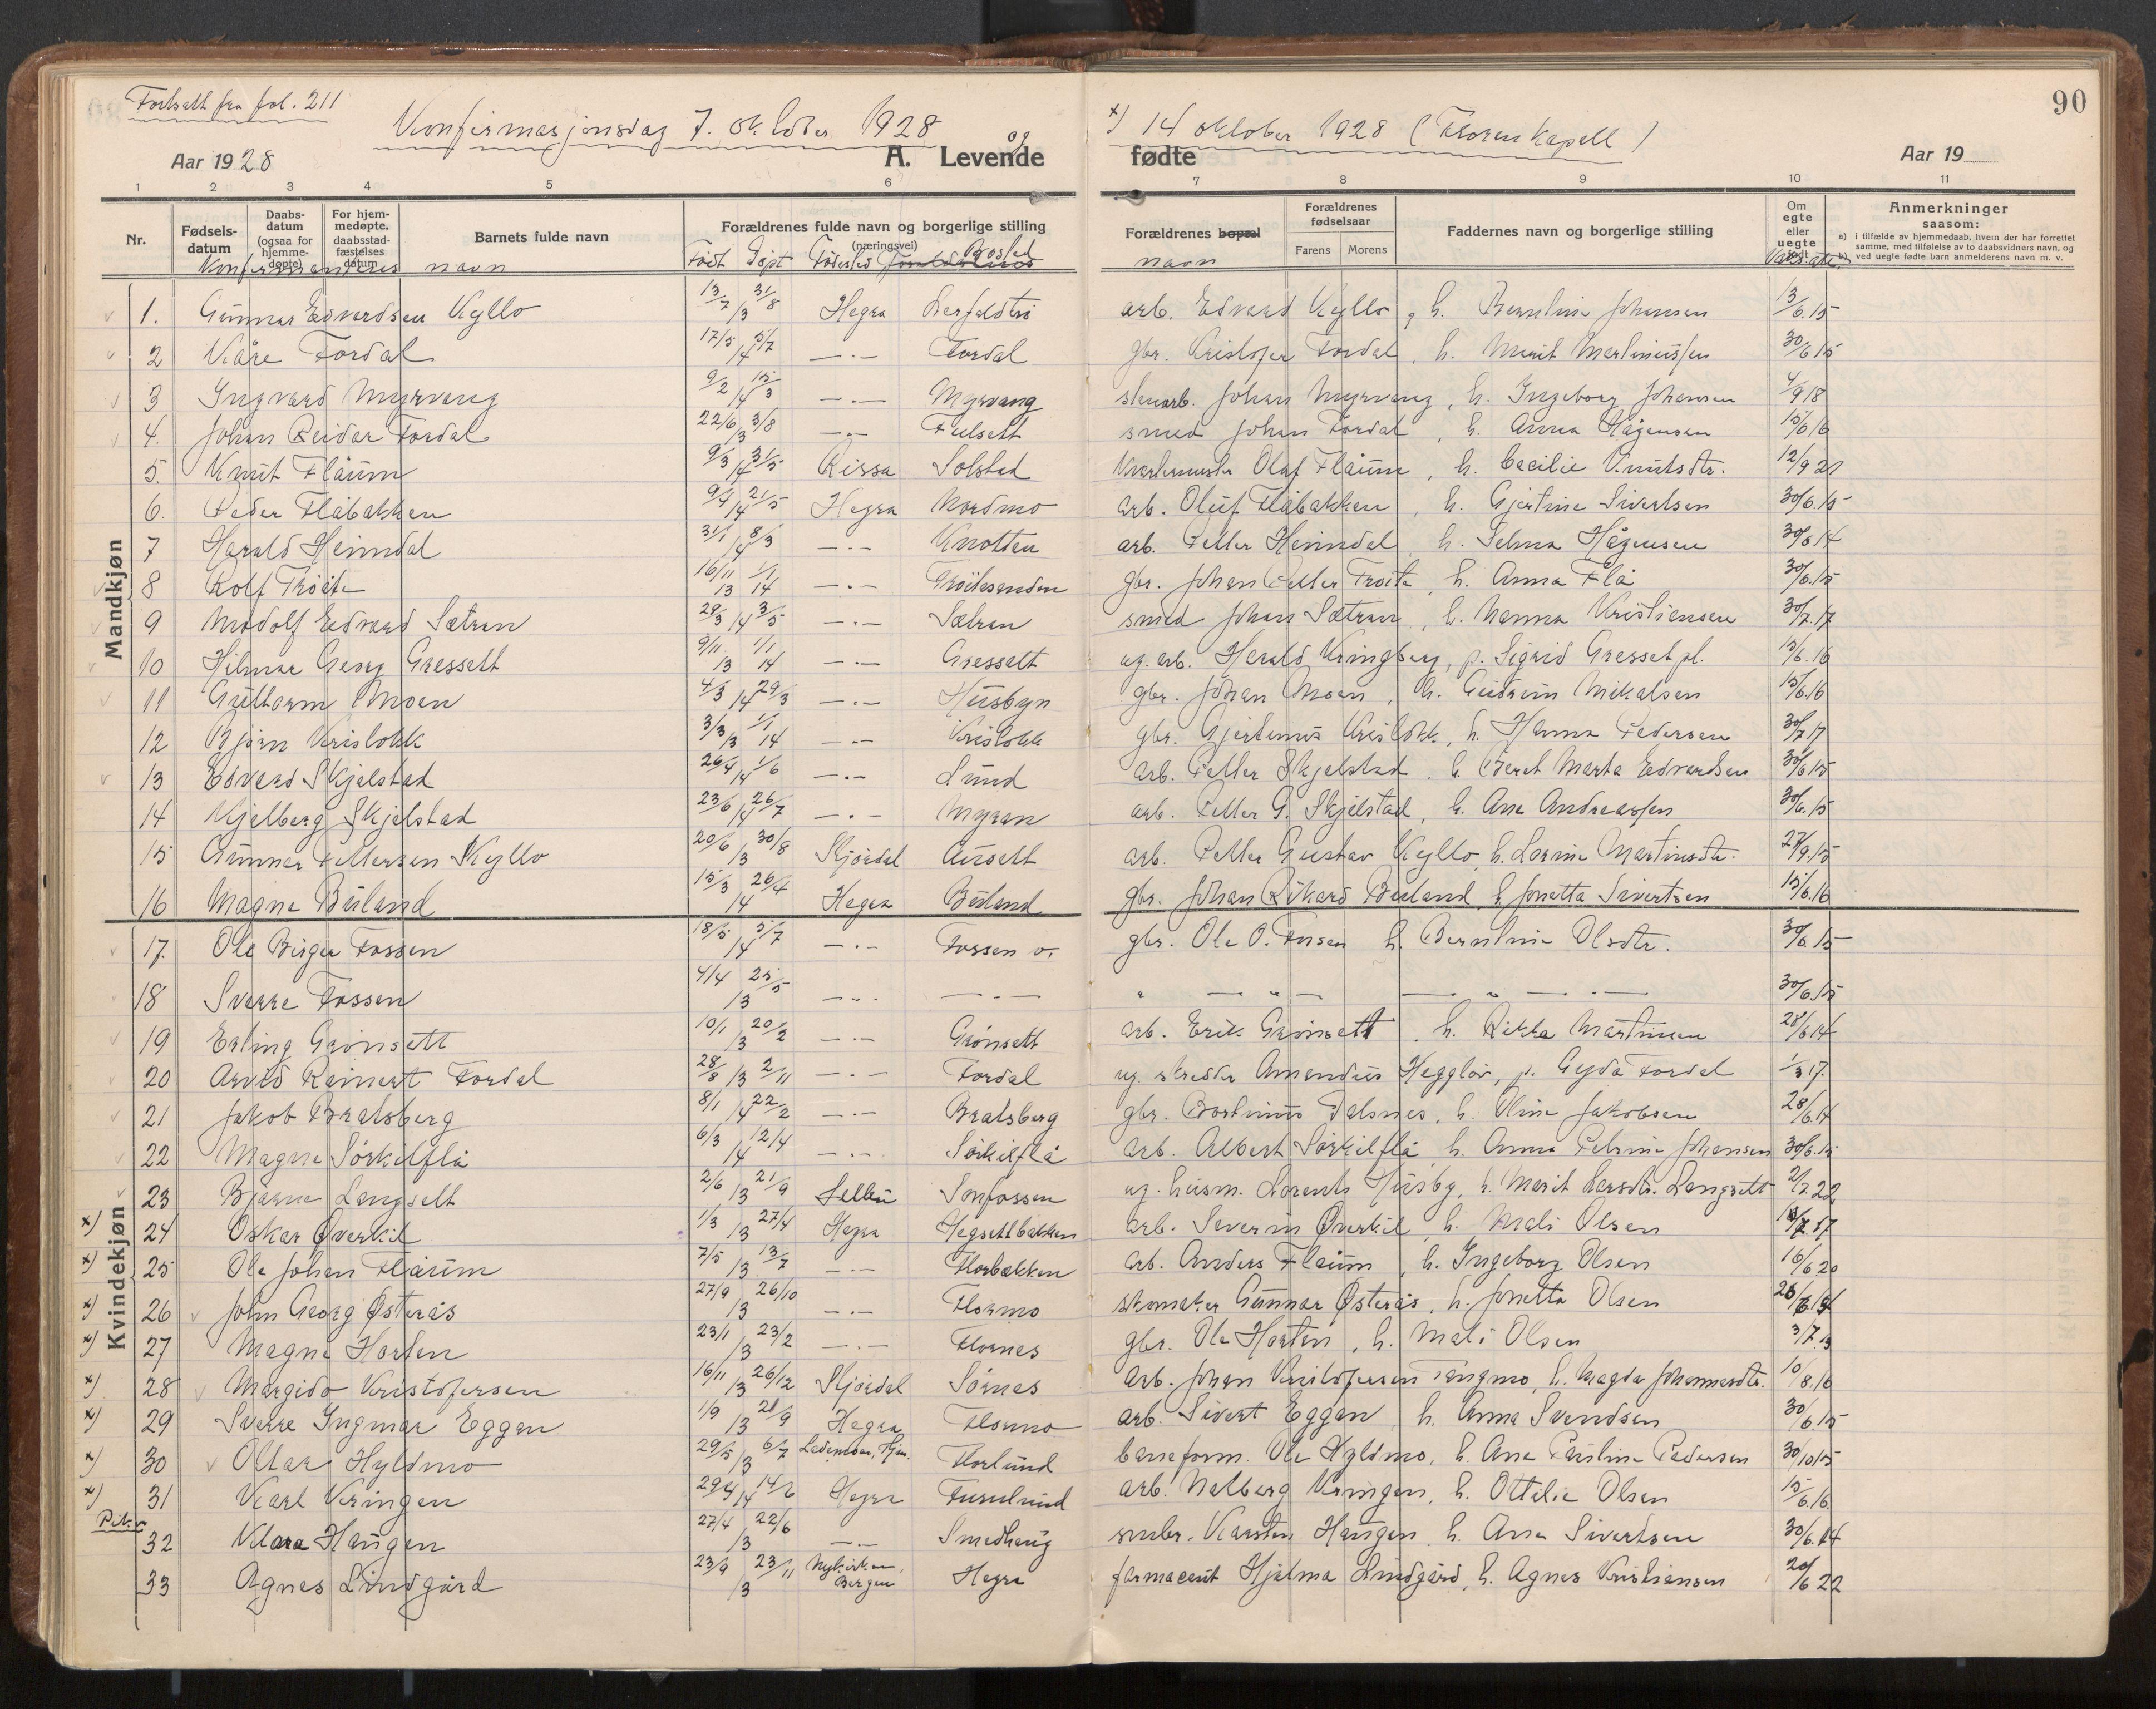 SAT, Ministerialprotokoller, klokkerbøker og fødselsregistre - Nord-Trøndelag, 703/L0037: Parish register (official) no. 703A10, 1915-1932, p. 90